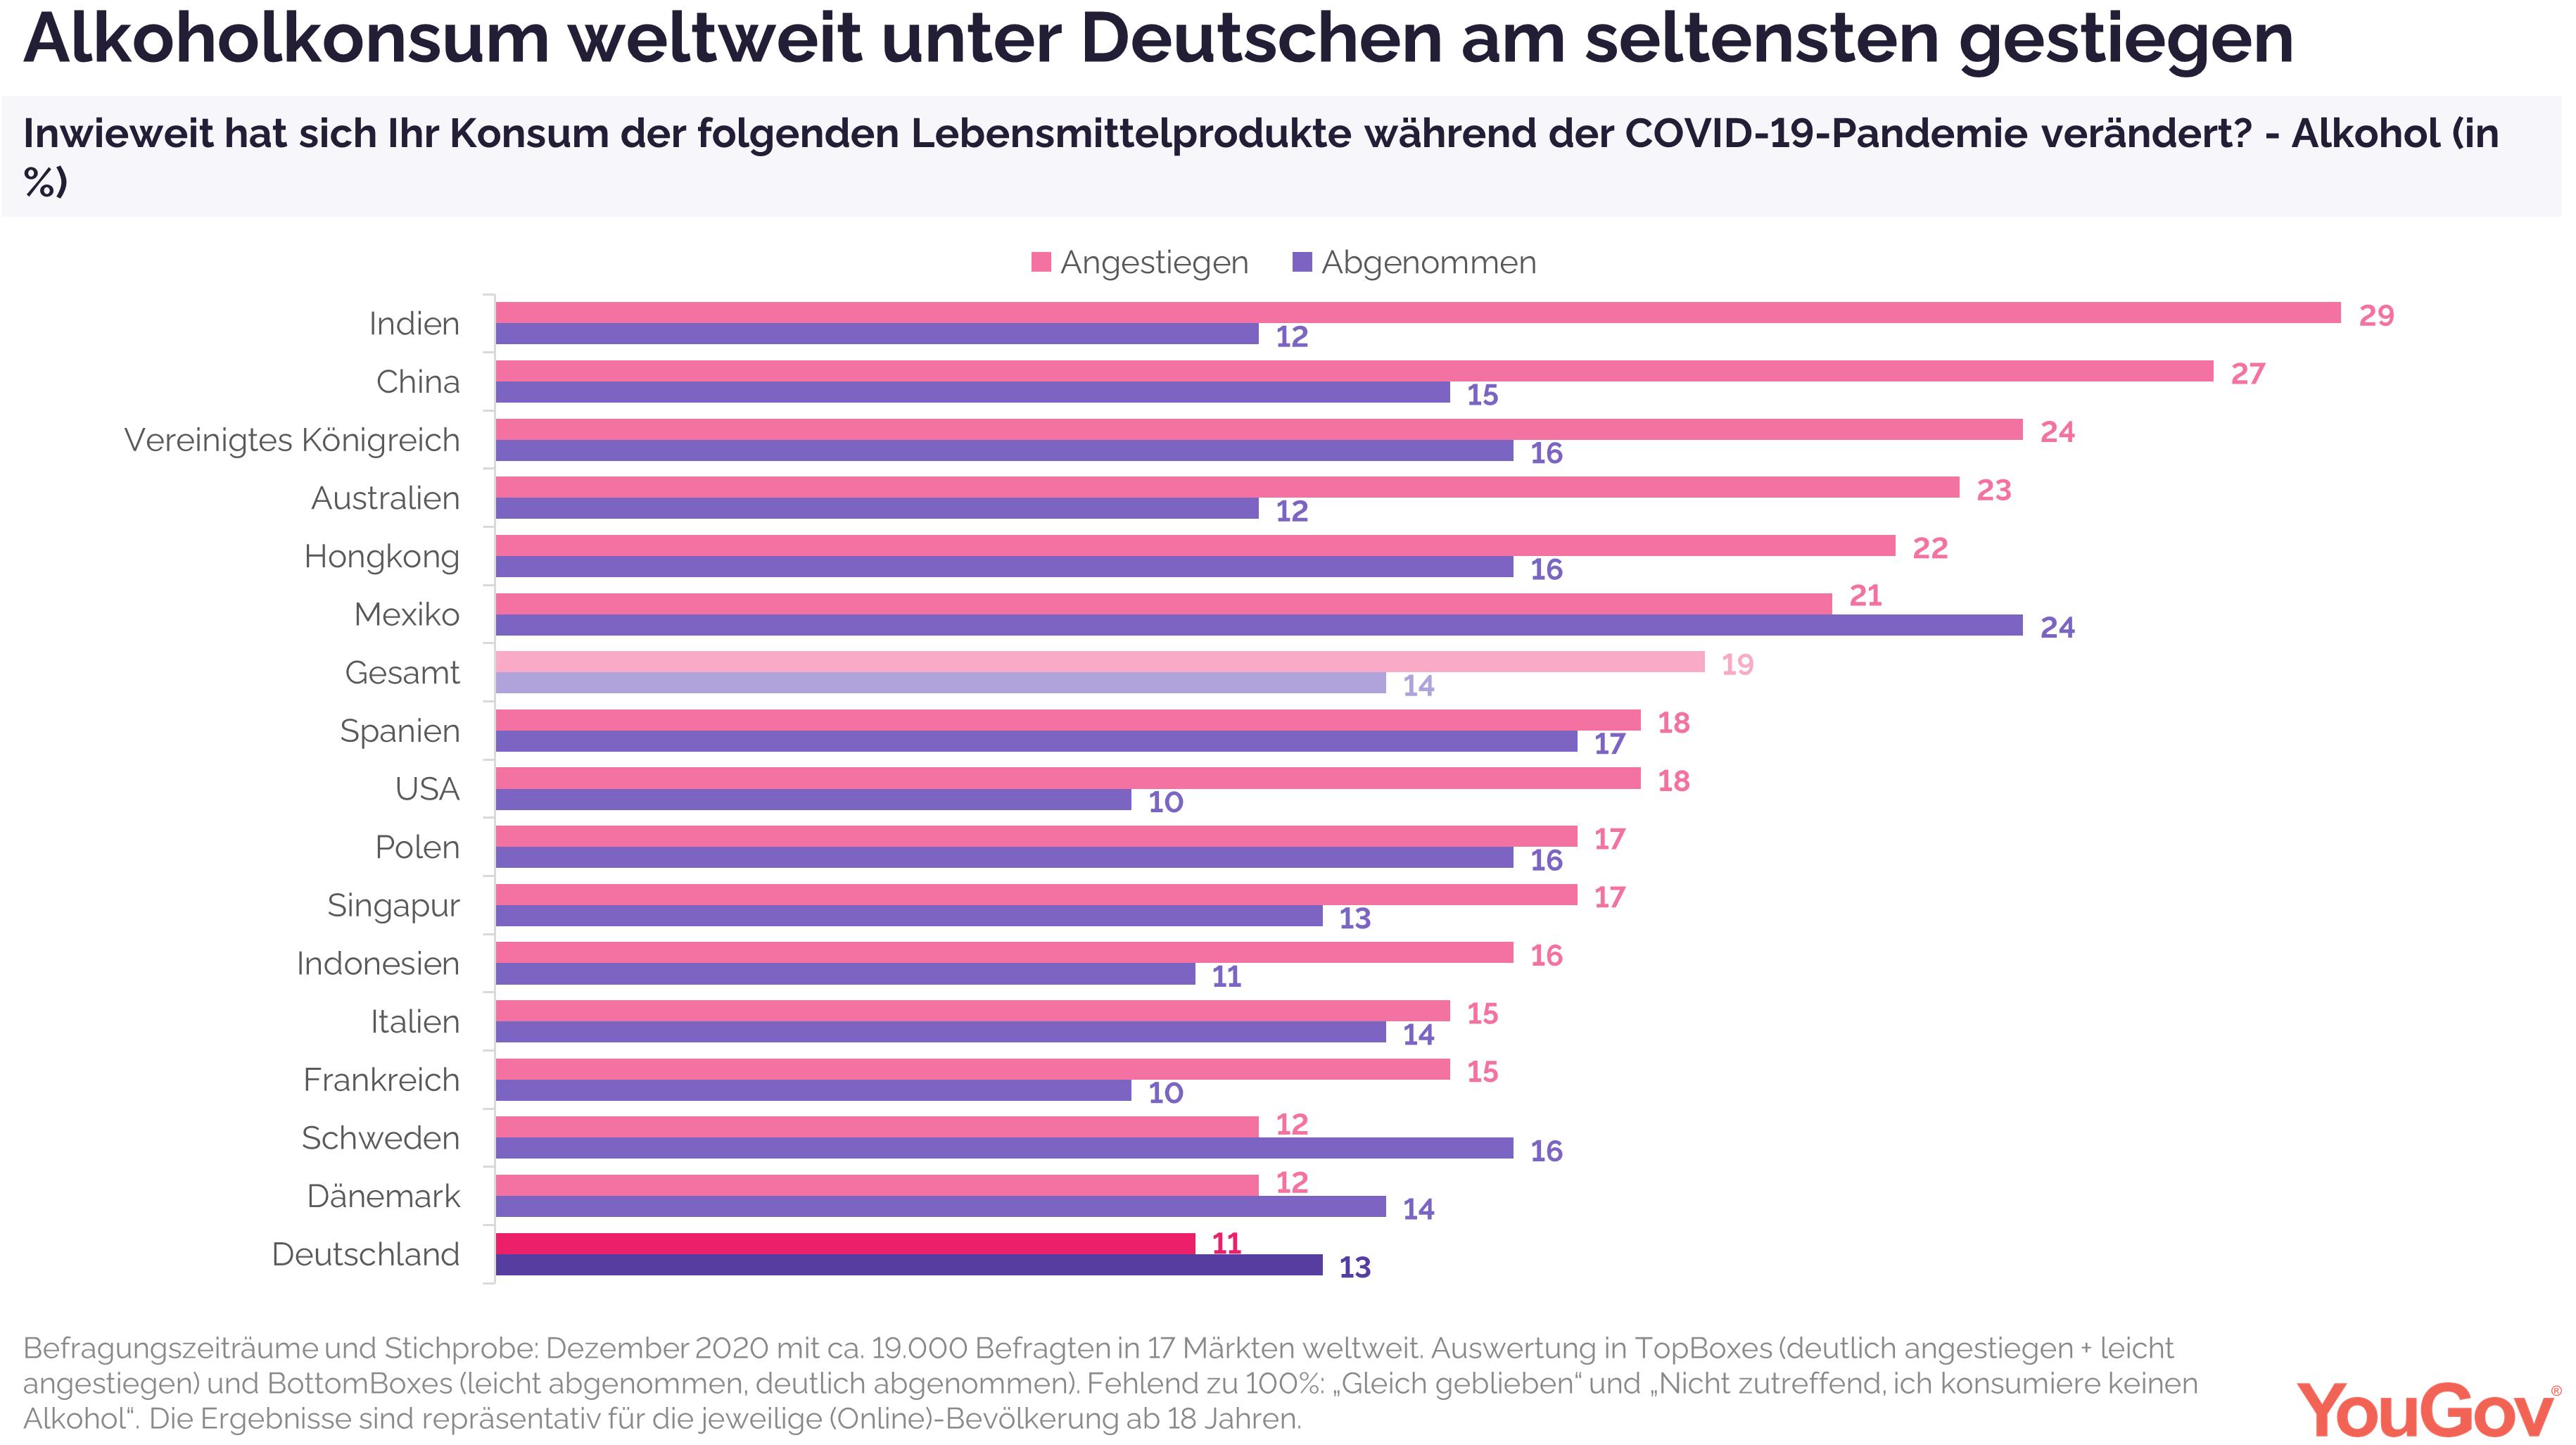 Alkoholkonsum unter Deutschen am seltensten gestiegen in Zeiten der Krise